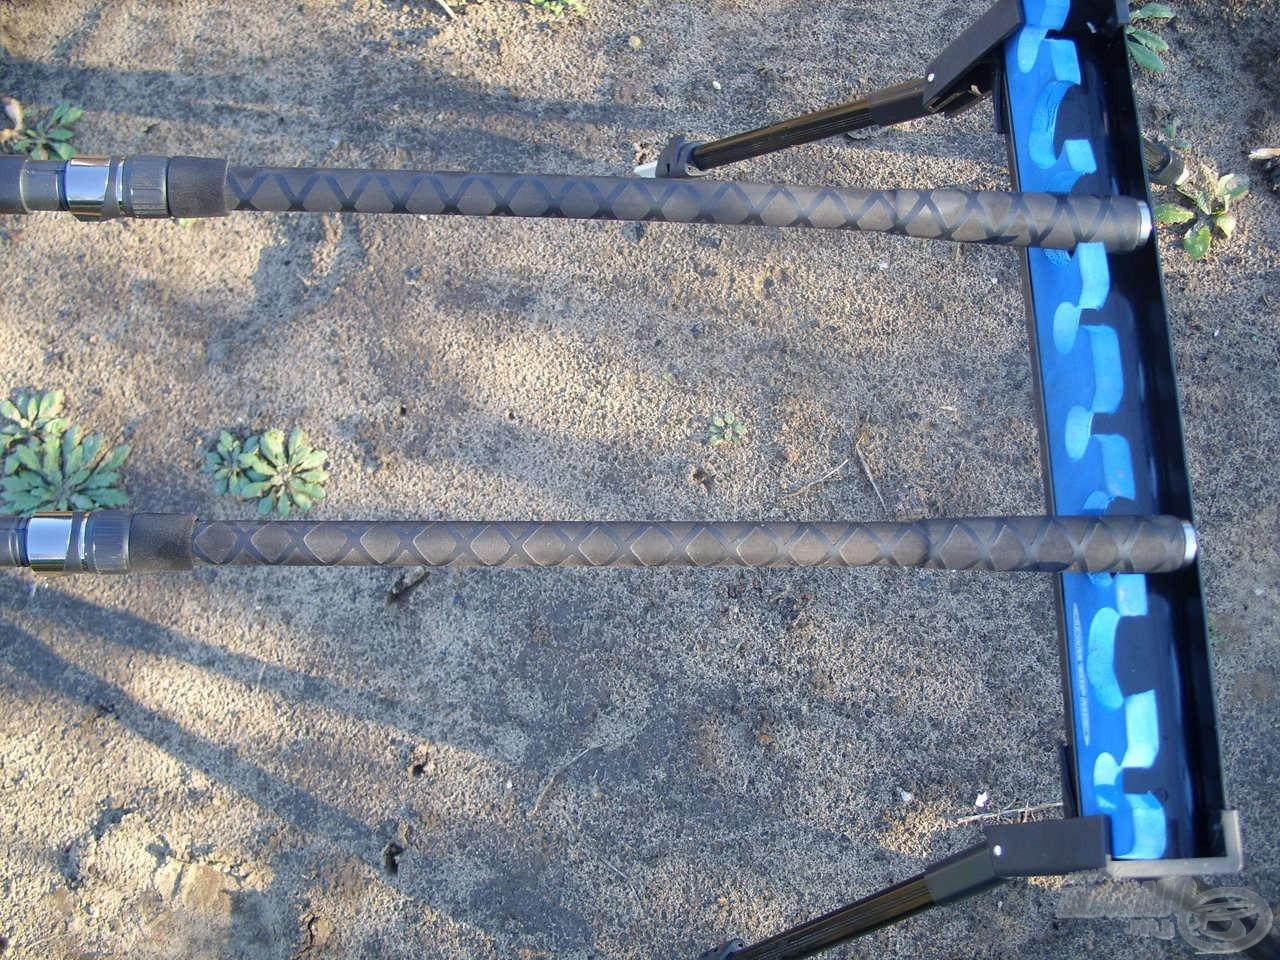 Az Envy Feederek nyele meglehetősen szokatlan, ám annál esztétikusabb és praktikusabb, osztott EVA borítású. Ez garantáltan csúszásmentes és strapabíróbb, mint a parafa